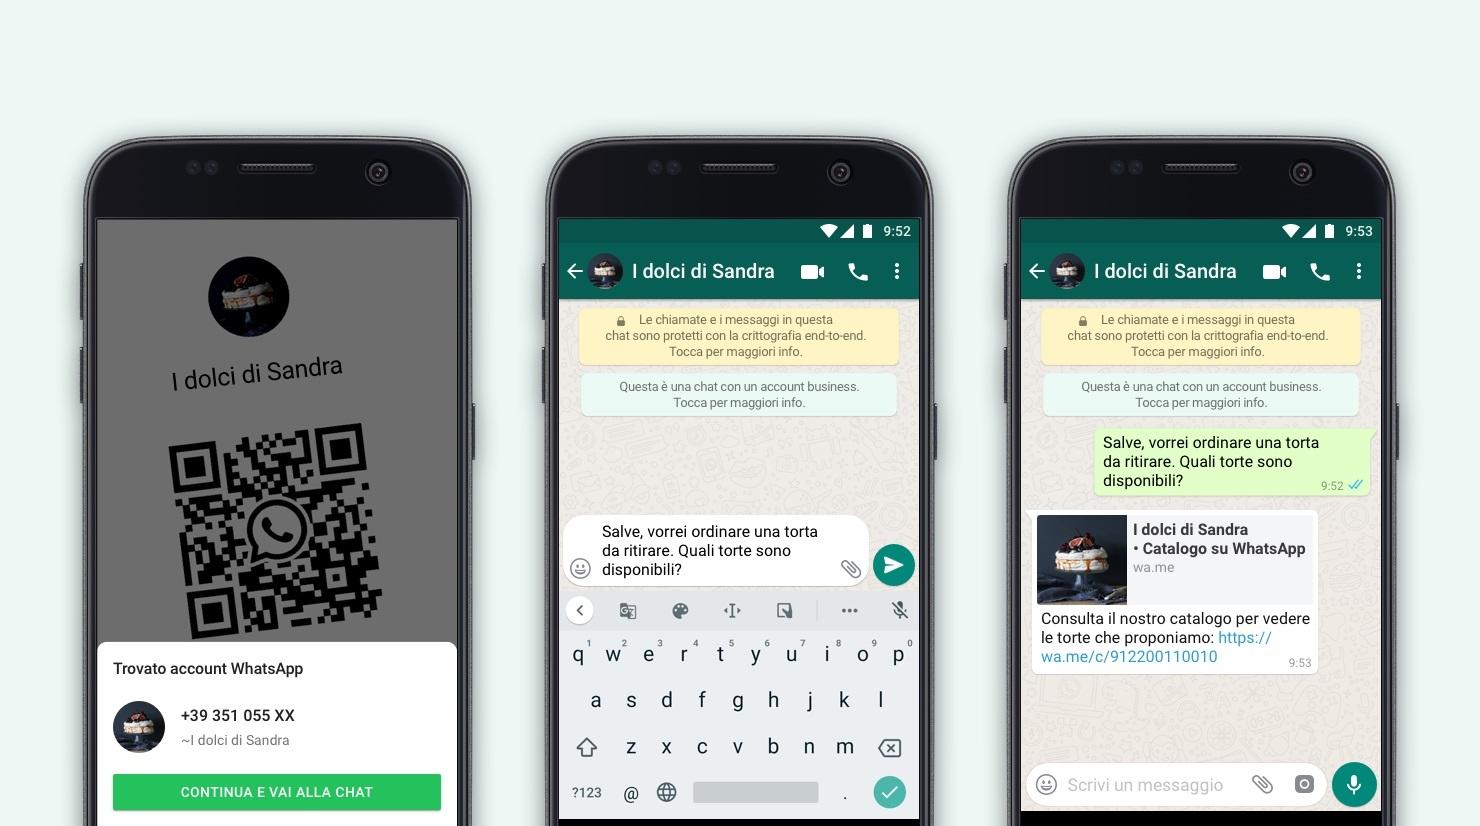 Whatsapp Attiva Il Tasto Shopping Ecco Come Funziona Corcom